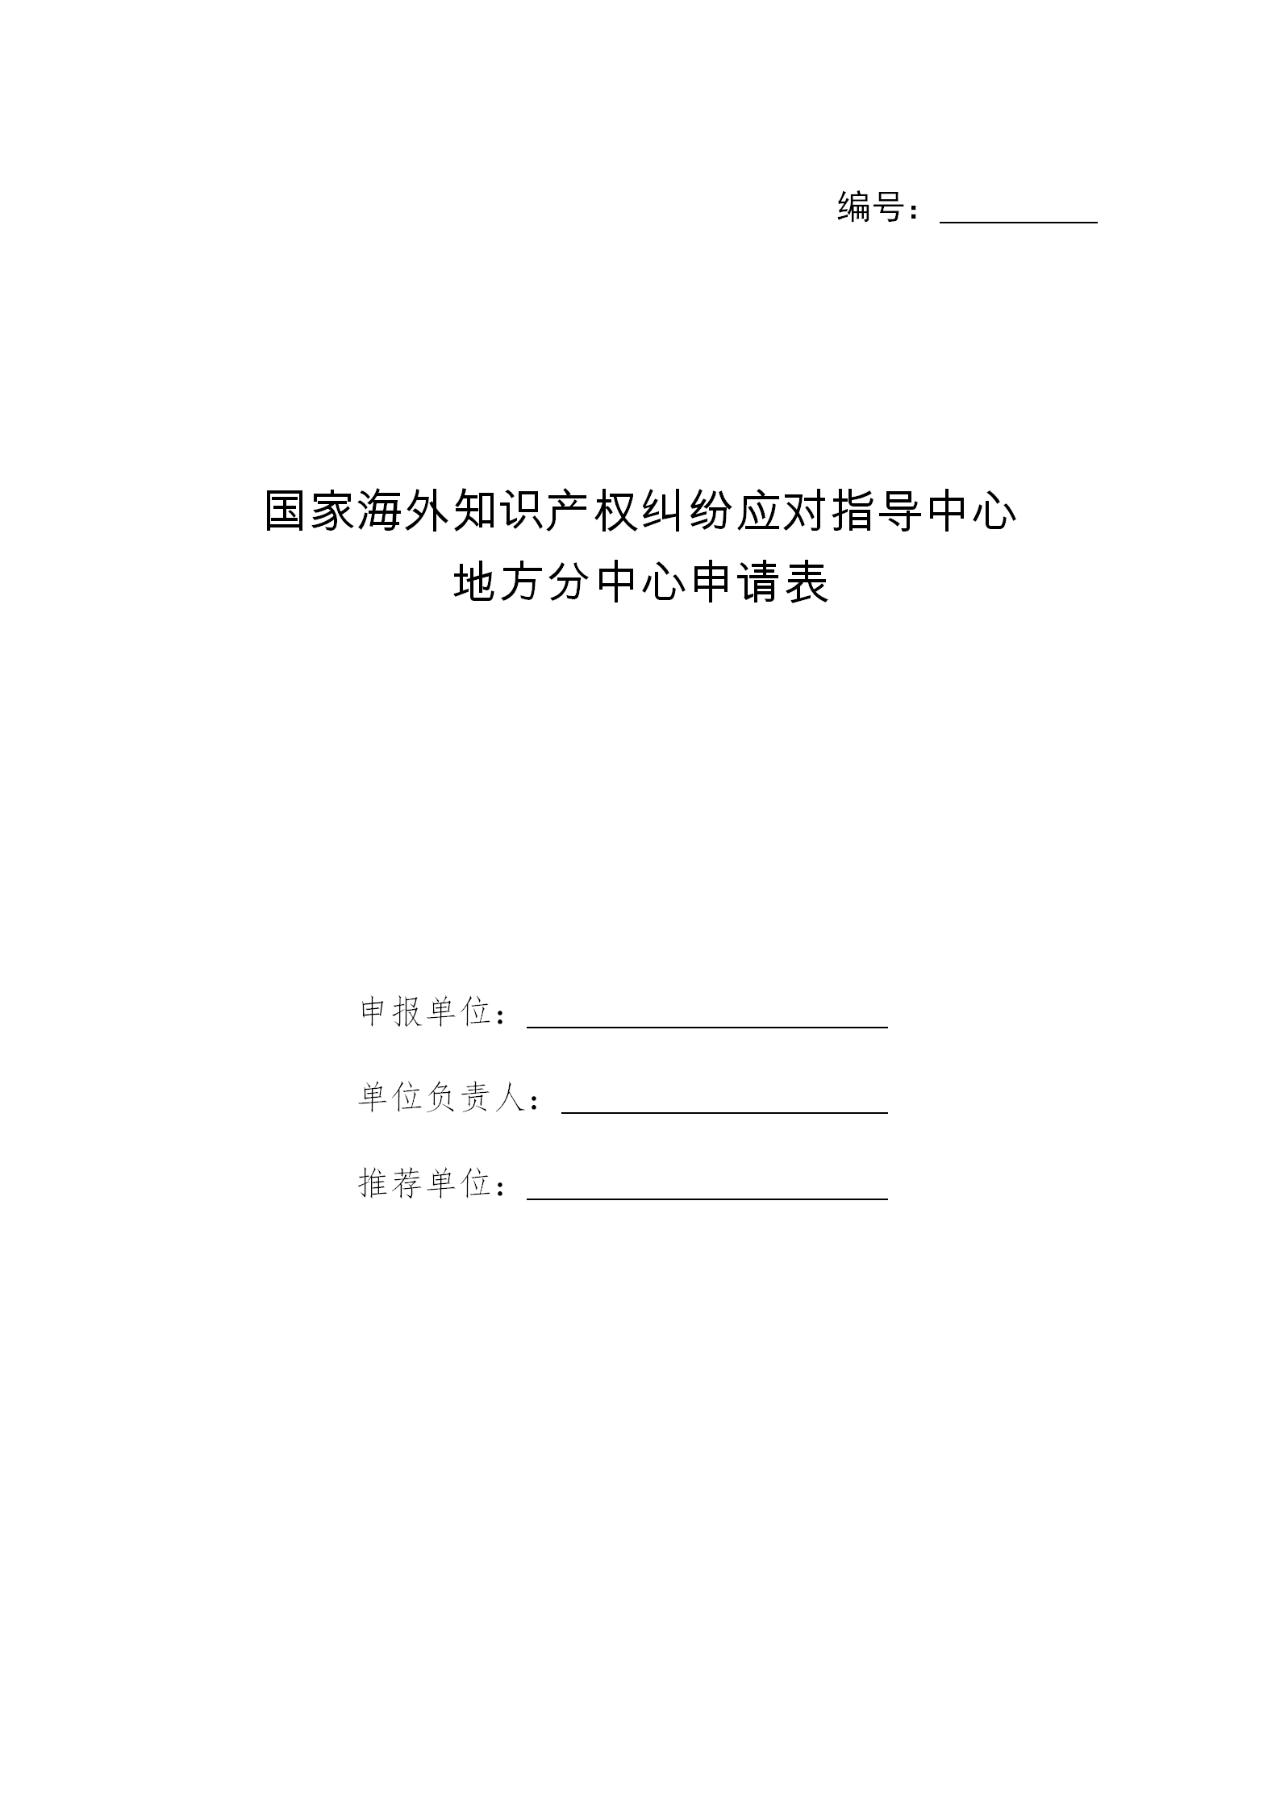 国知局:申报国家海外知识产权纠纷应对指导中心地方分中心(通知)